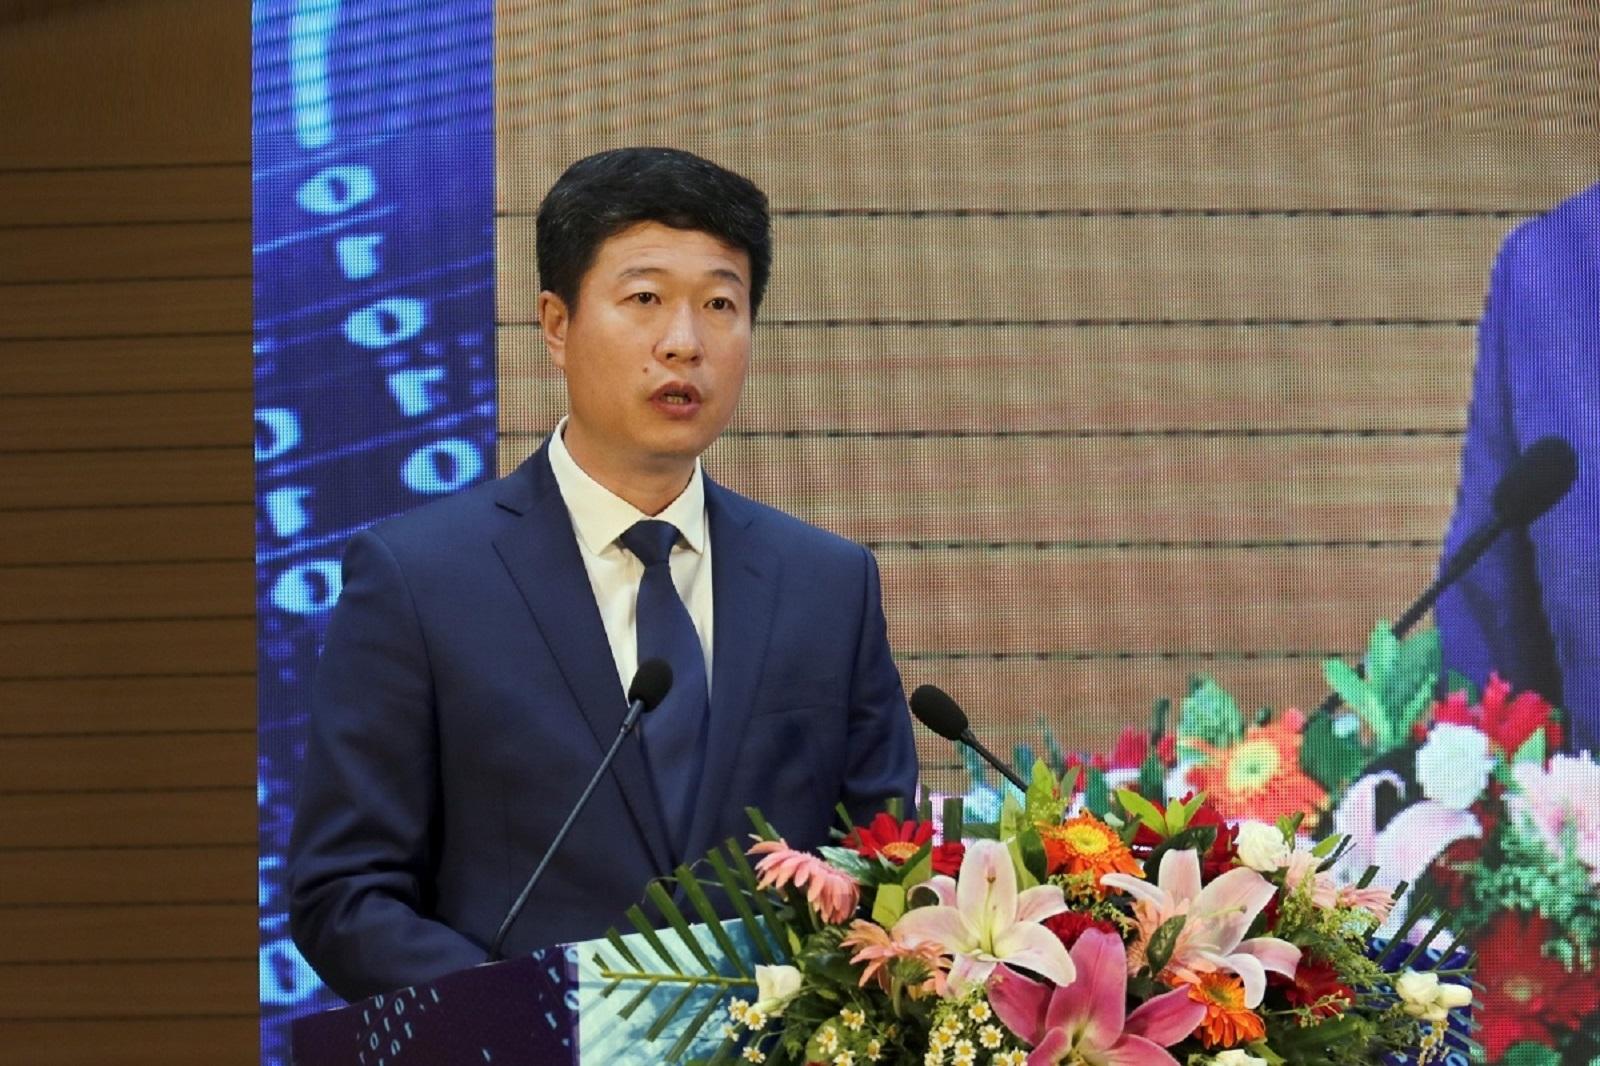 中国论坛讨论科技创新领域的国际合作插图-小狮座俄罗斯留学